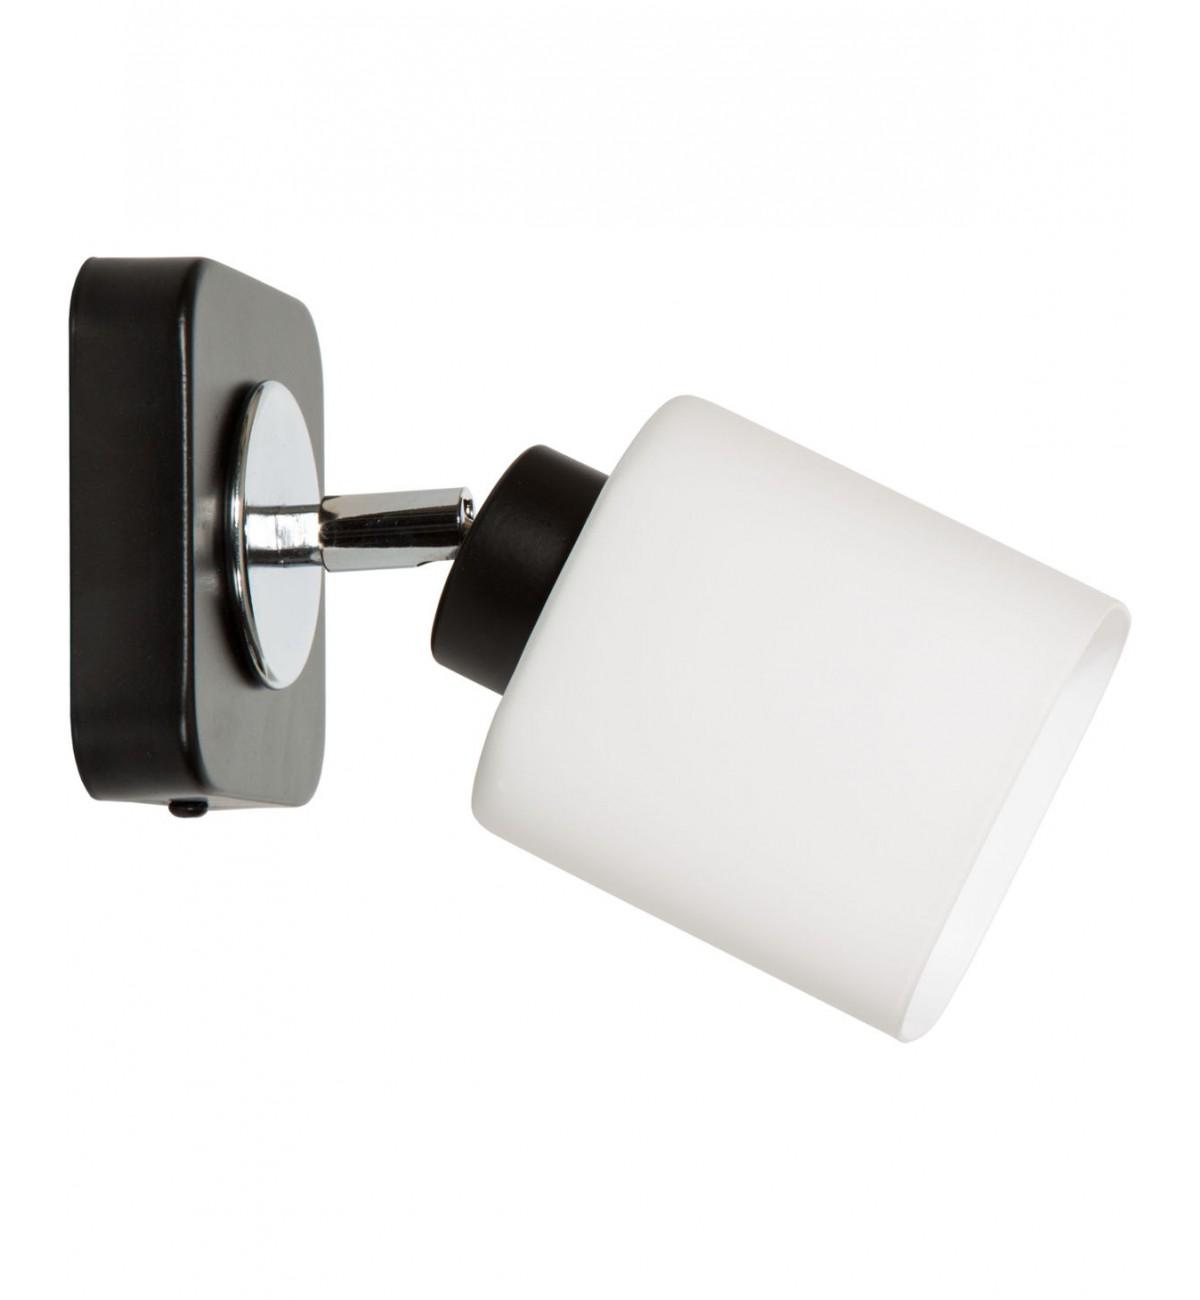 kinkiet seria 012 lampa wiszaca sufitowa nowoczesna czarny bialy